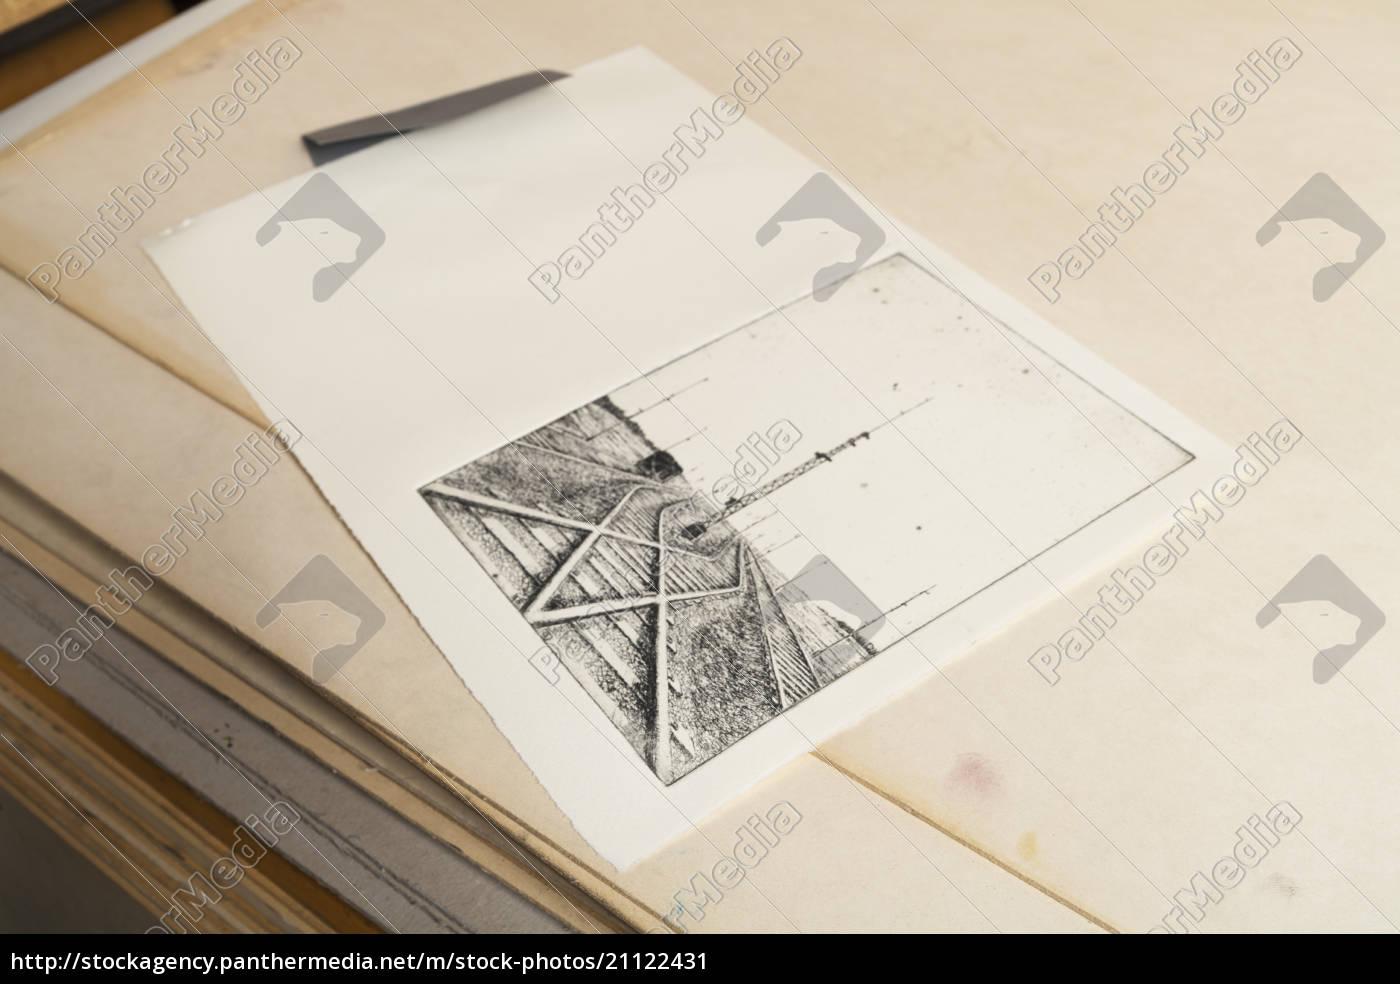 germania, baviera, deckle, carta, bordo, con, schizzo, di - 21122431